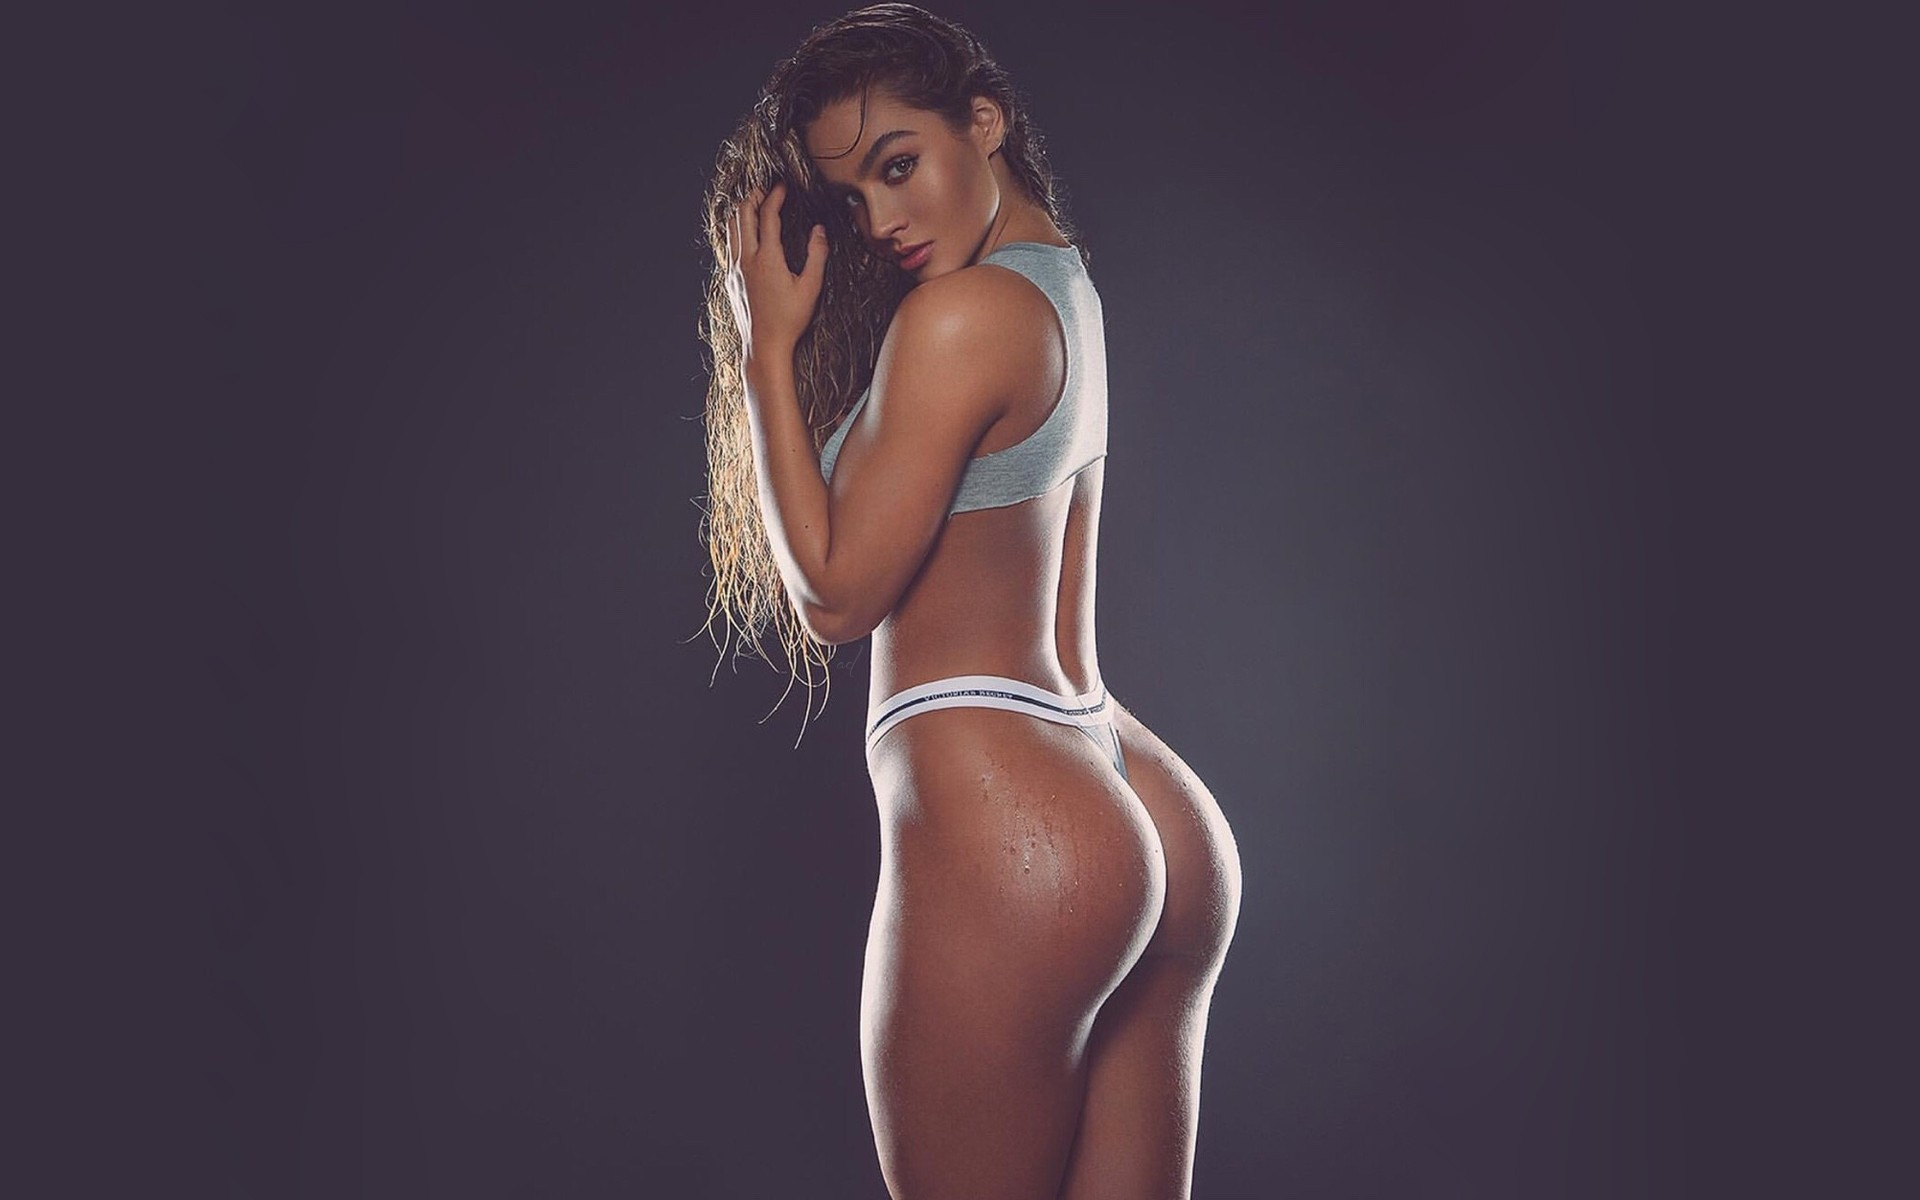 Модели с попкой, строгая дама сосет хуй порно